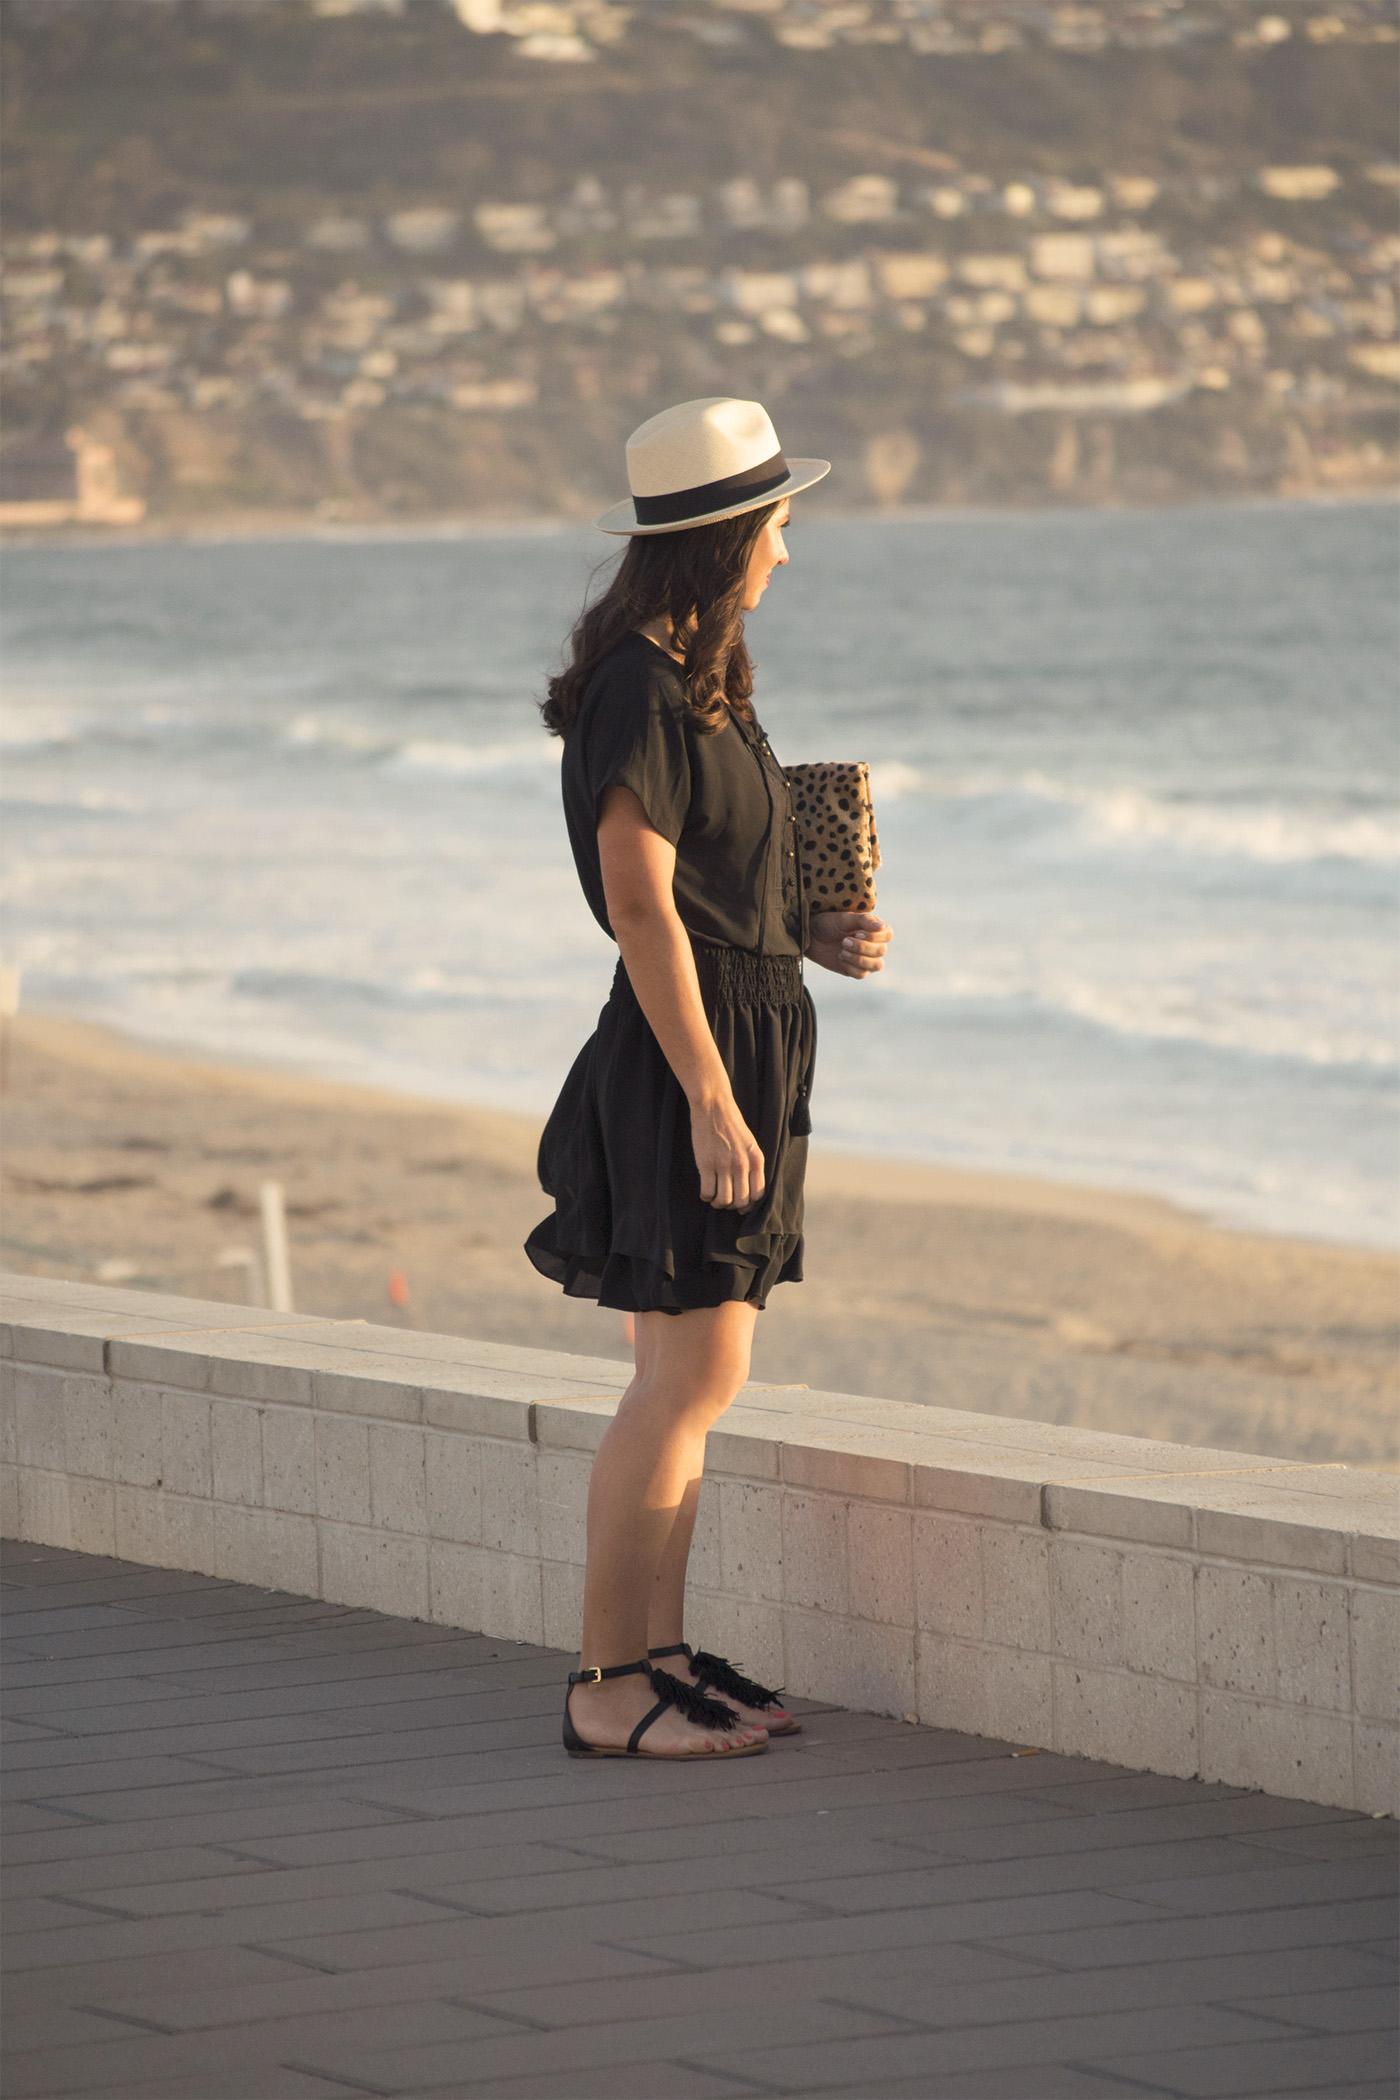 Black Dress Beach 5.jpg